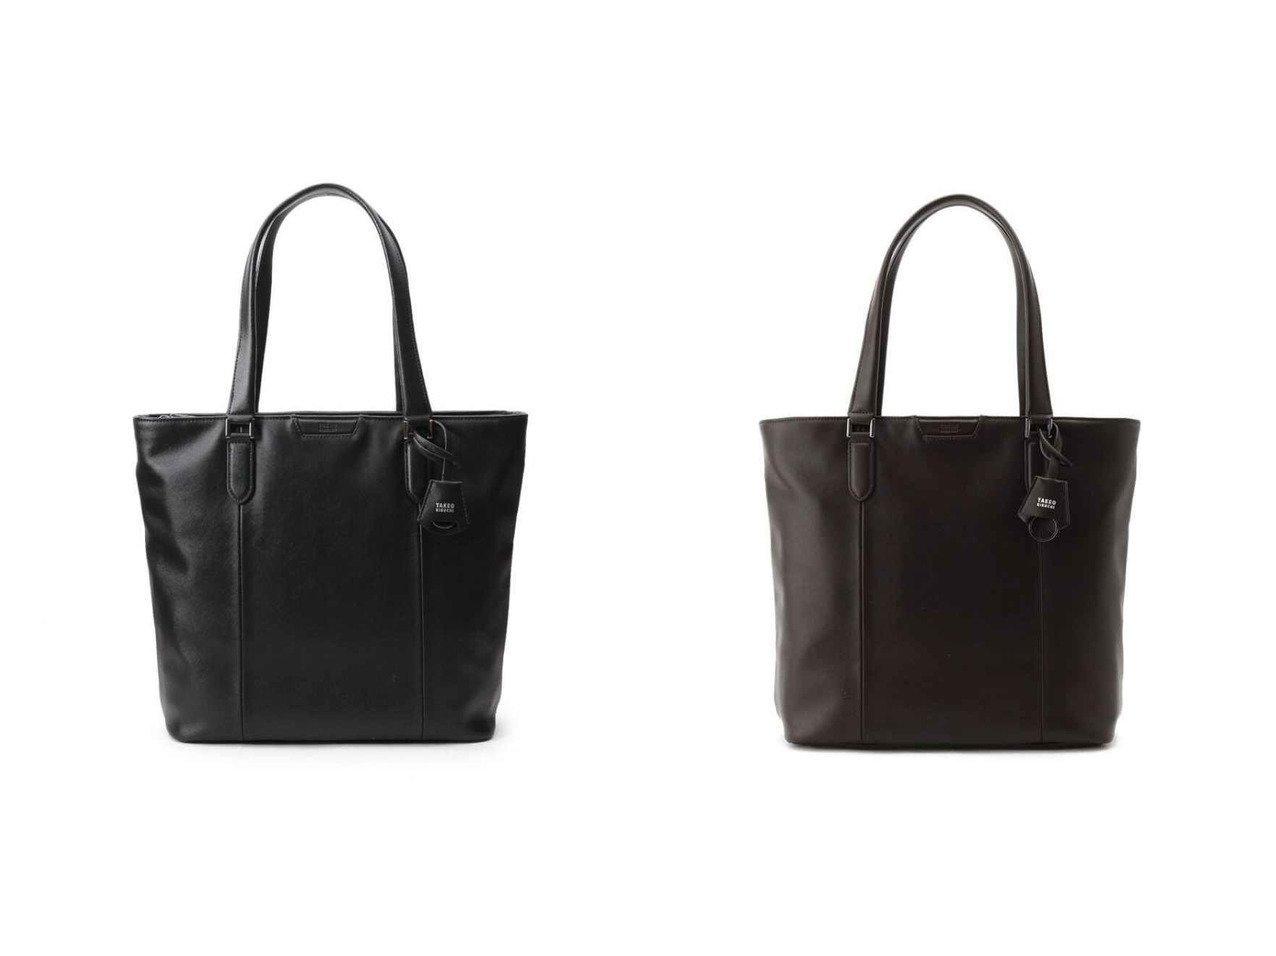 【TAKEO KIKUCHI / MEN/タケオキクチ】のブラック ブラウン モノトーントートバッグ 【MEN】おすすめ!人気トレンド・男性、メンズファッションの通販 おすすめで人気の流行・トレンド、ファッションの通販商品 メンズファッション・キッズファッション・インテリア・家具・レディースファッション・服の通販 founy(ファニー) https://founy.com/ ファッション Fashion メンズファッション MEN バッグ Bag Men トートバッグ Tote Bags 傘 シンプル ジャケット スラックス ポケット  ID:crp329100000025181